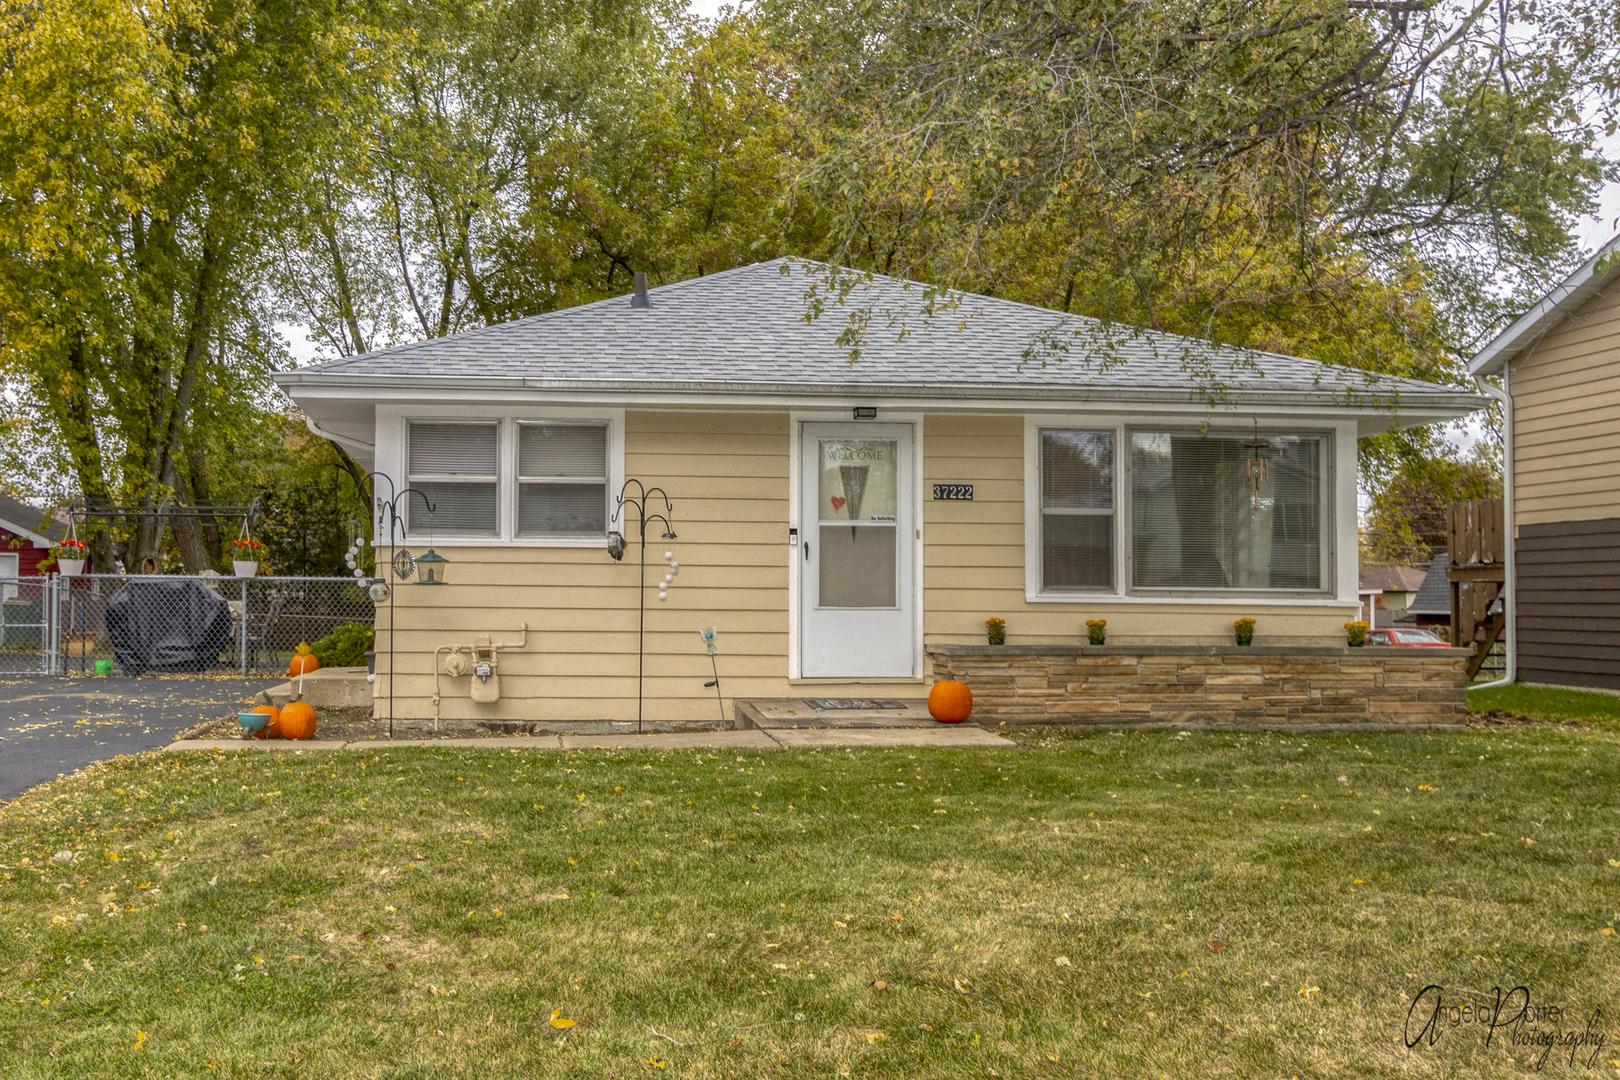 37222 N Hillside Drive, Lake Villa IL 60046